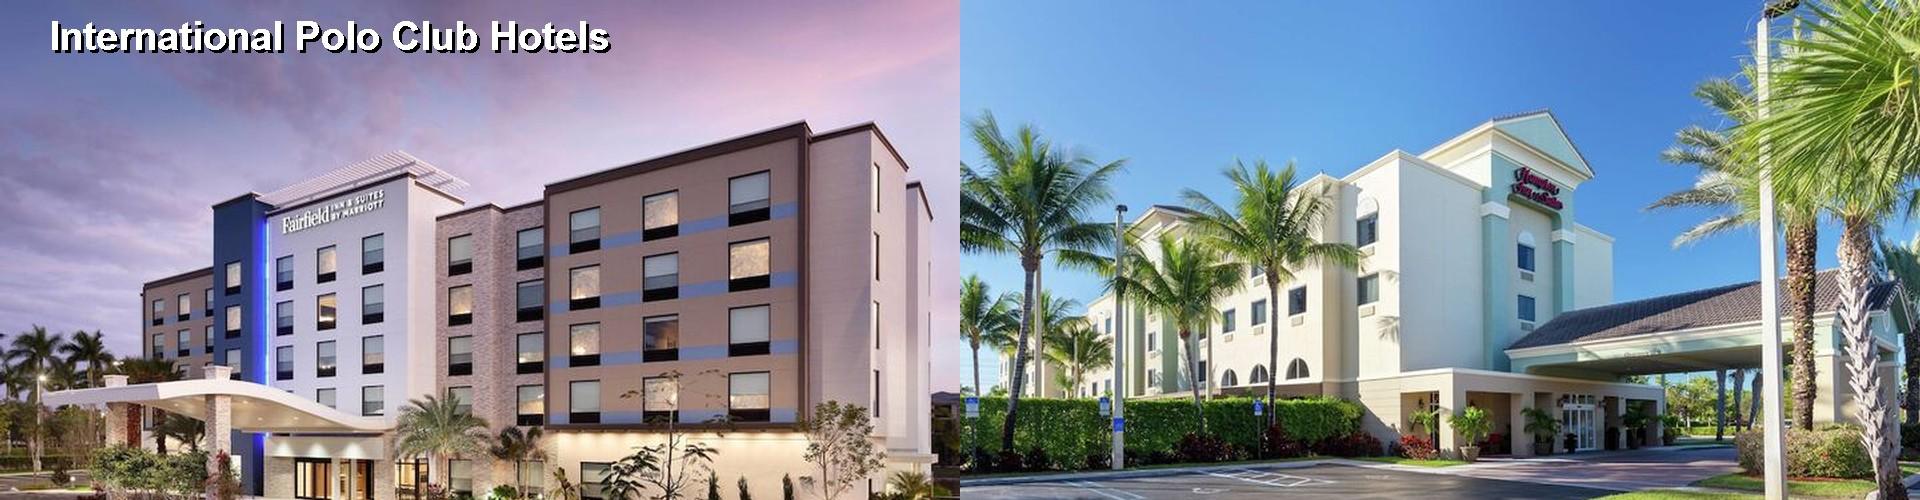 5 Best Hotels Near International Polo Club